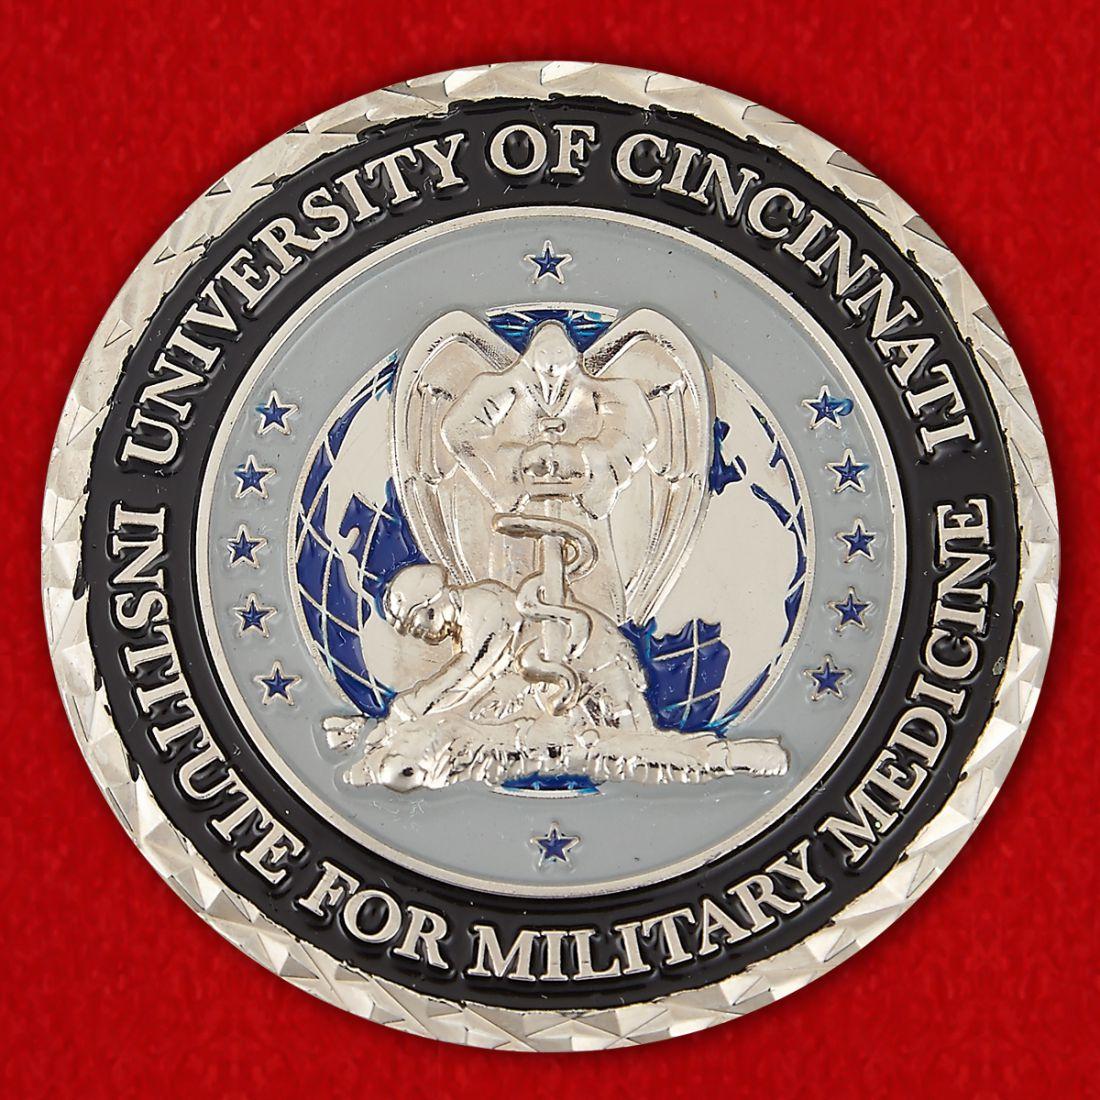 Челлендж коин Института военной медицины при Университете Цинцинатти